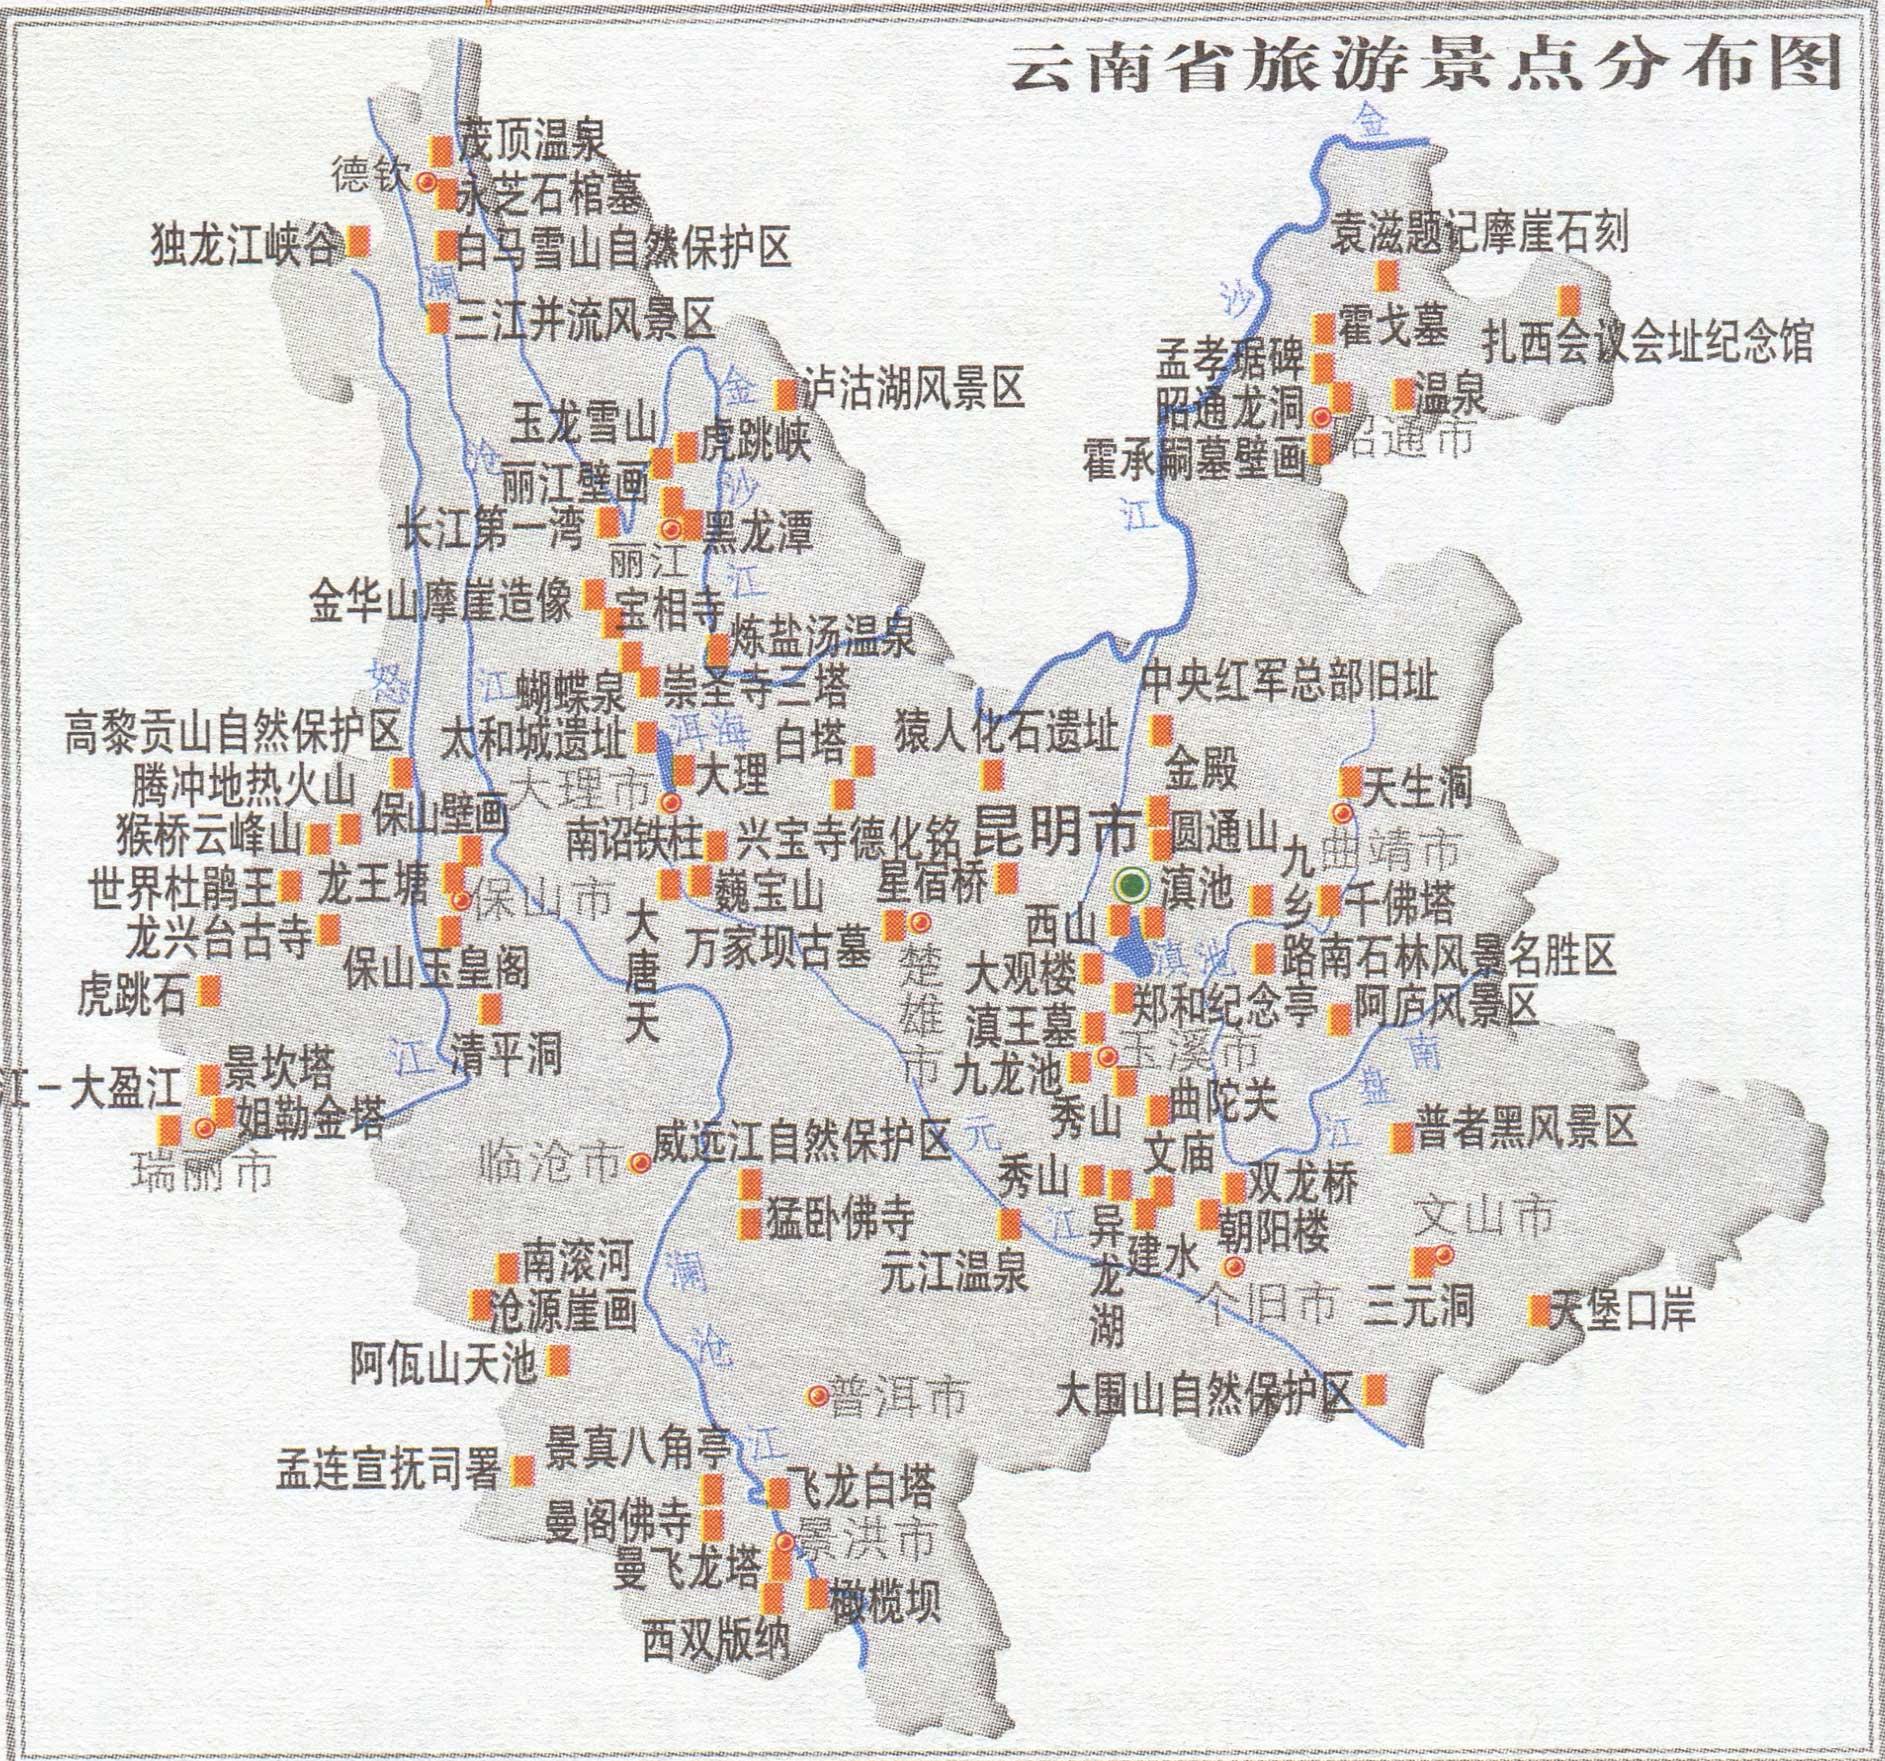 云南旅游景点分布地图